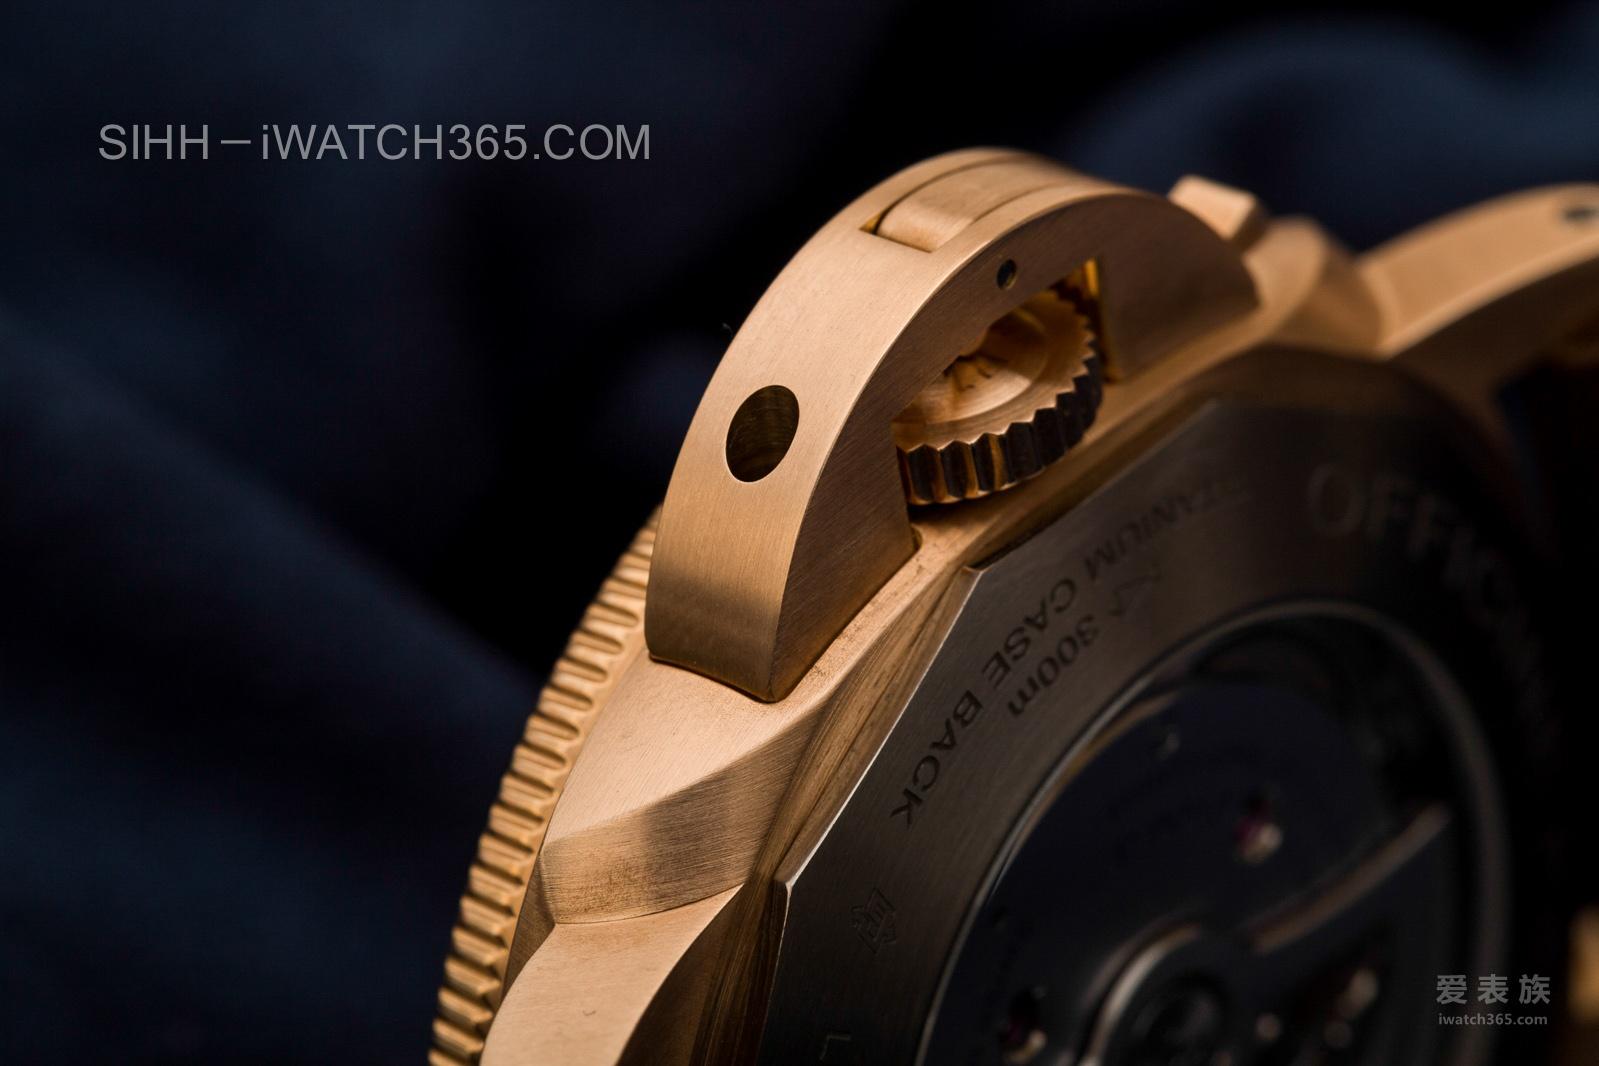 食言而肥的胖大海——沛纳海Luminor系列3日链青铜自动潜水腕表PAM 671